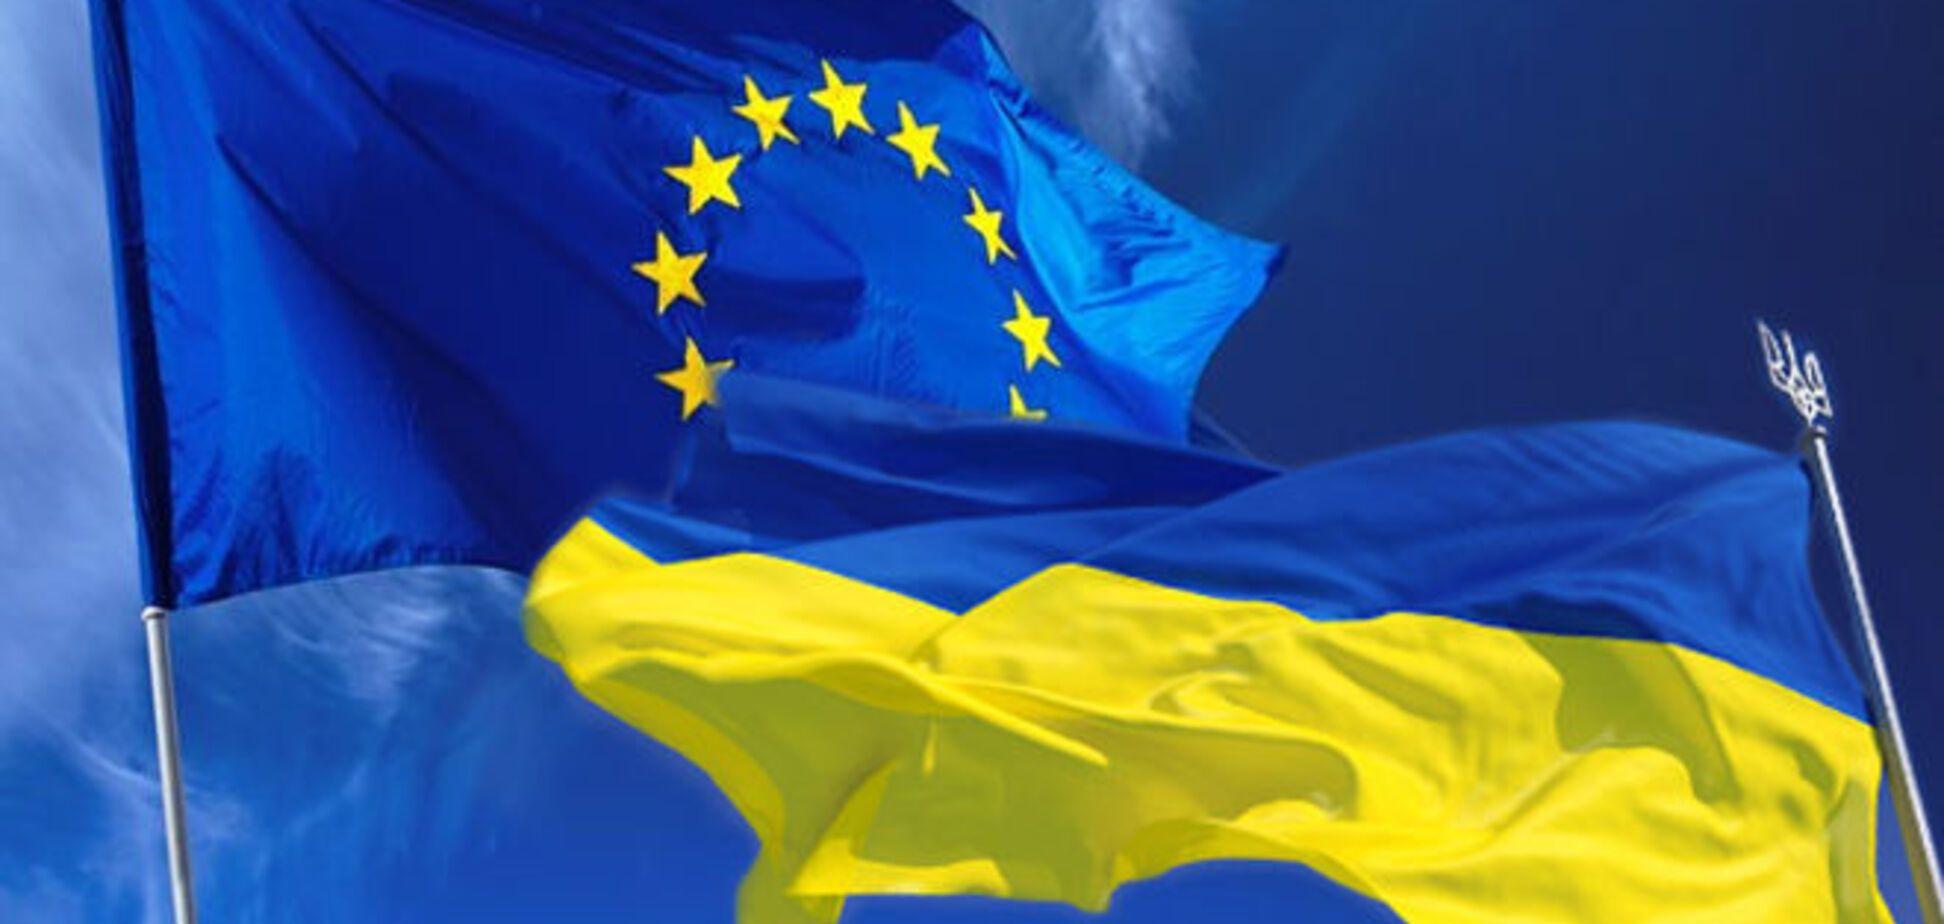 Евросоюз заявляет об улучшении ситуации в Украине